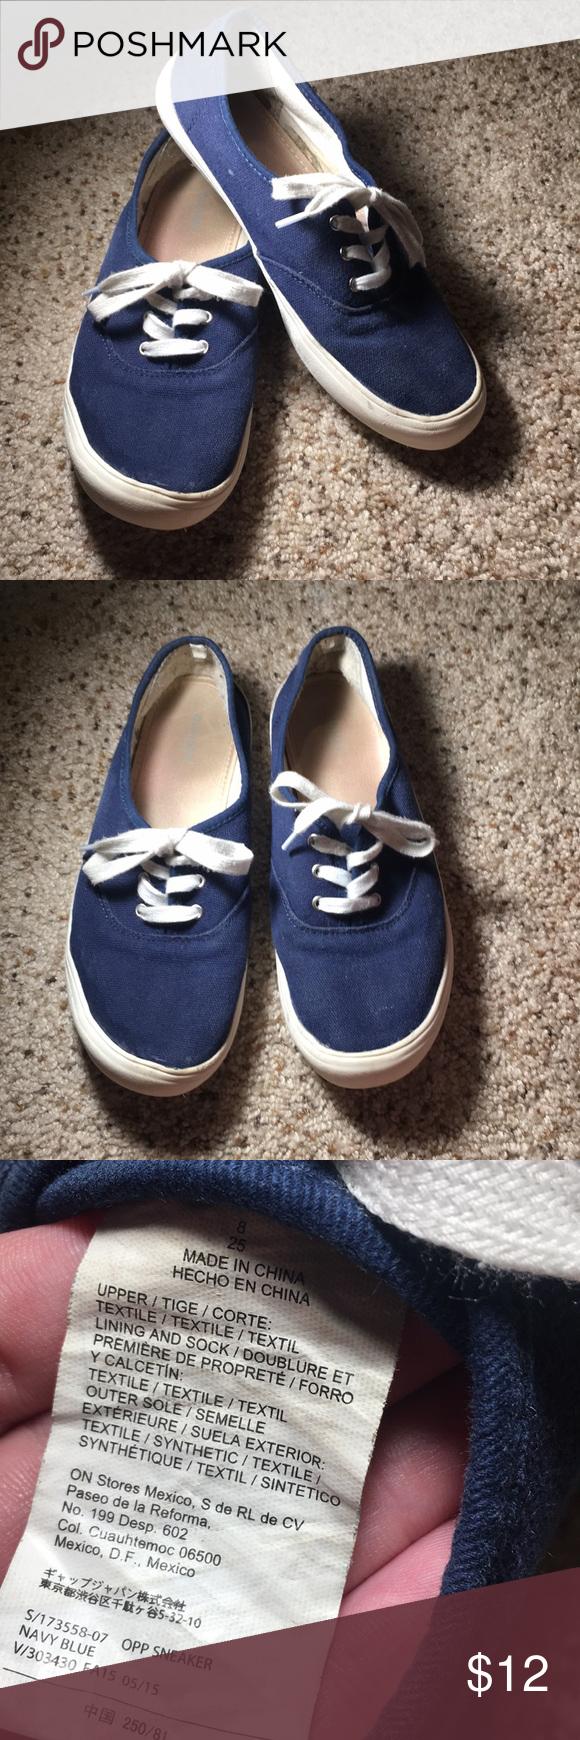 Shoes | Navy blue shoes, Blue shoes, Shoes